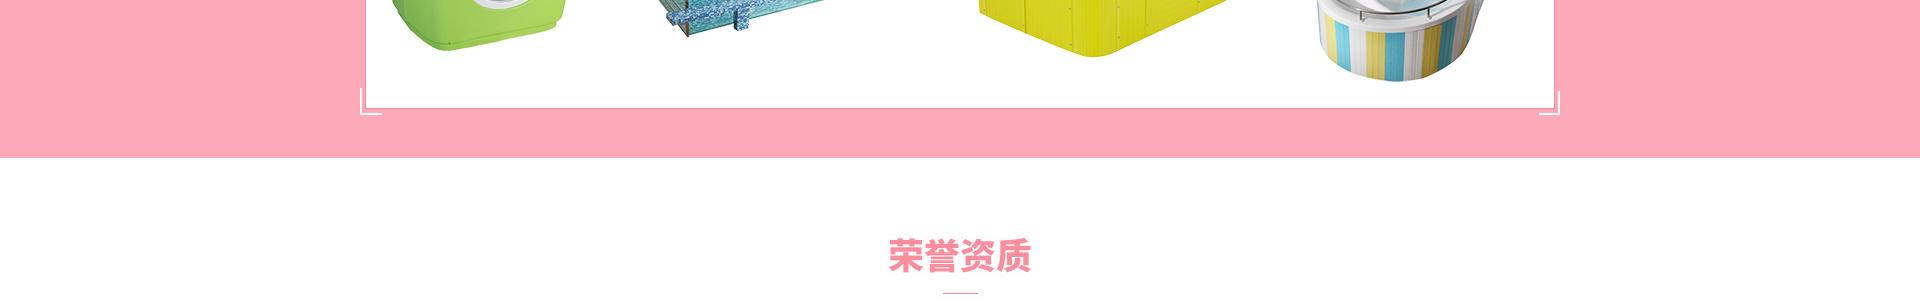 爱玩爱游亲子成长中心aiwanay_40